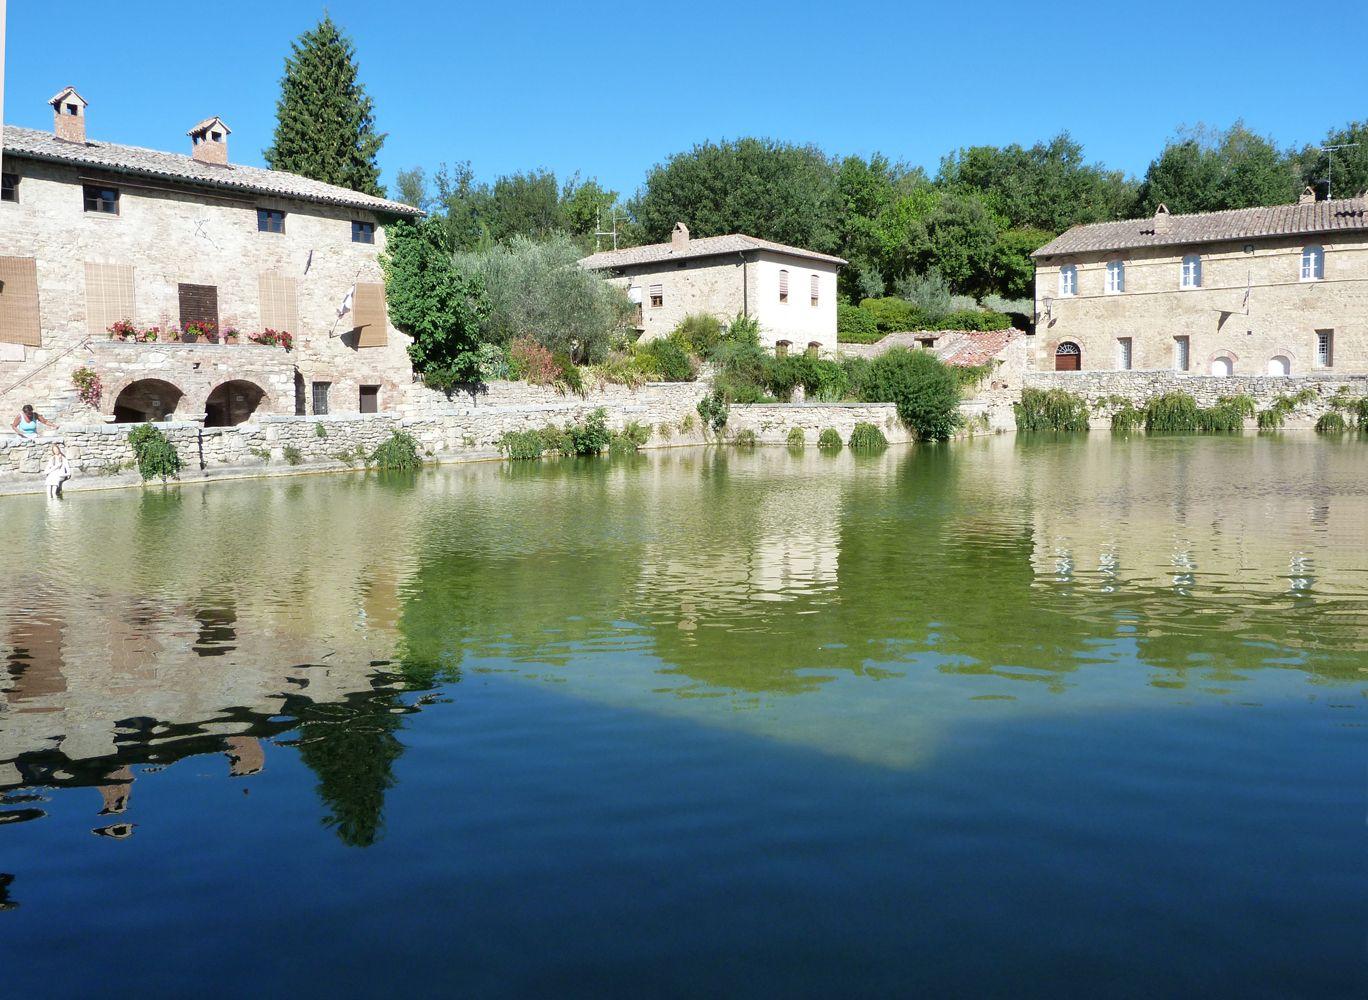 Toscana bagno vignoni una frazione di circa 30 abitanti - Bagno di romagna provincia ...